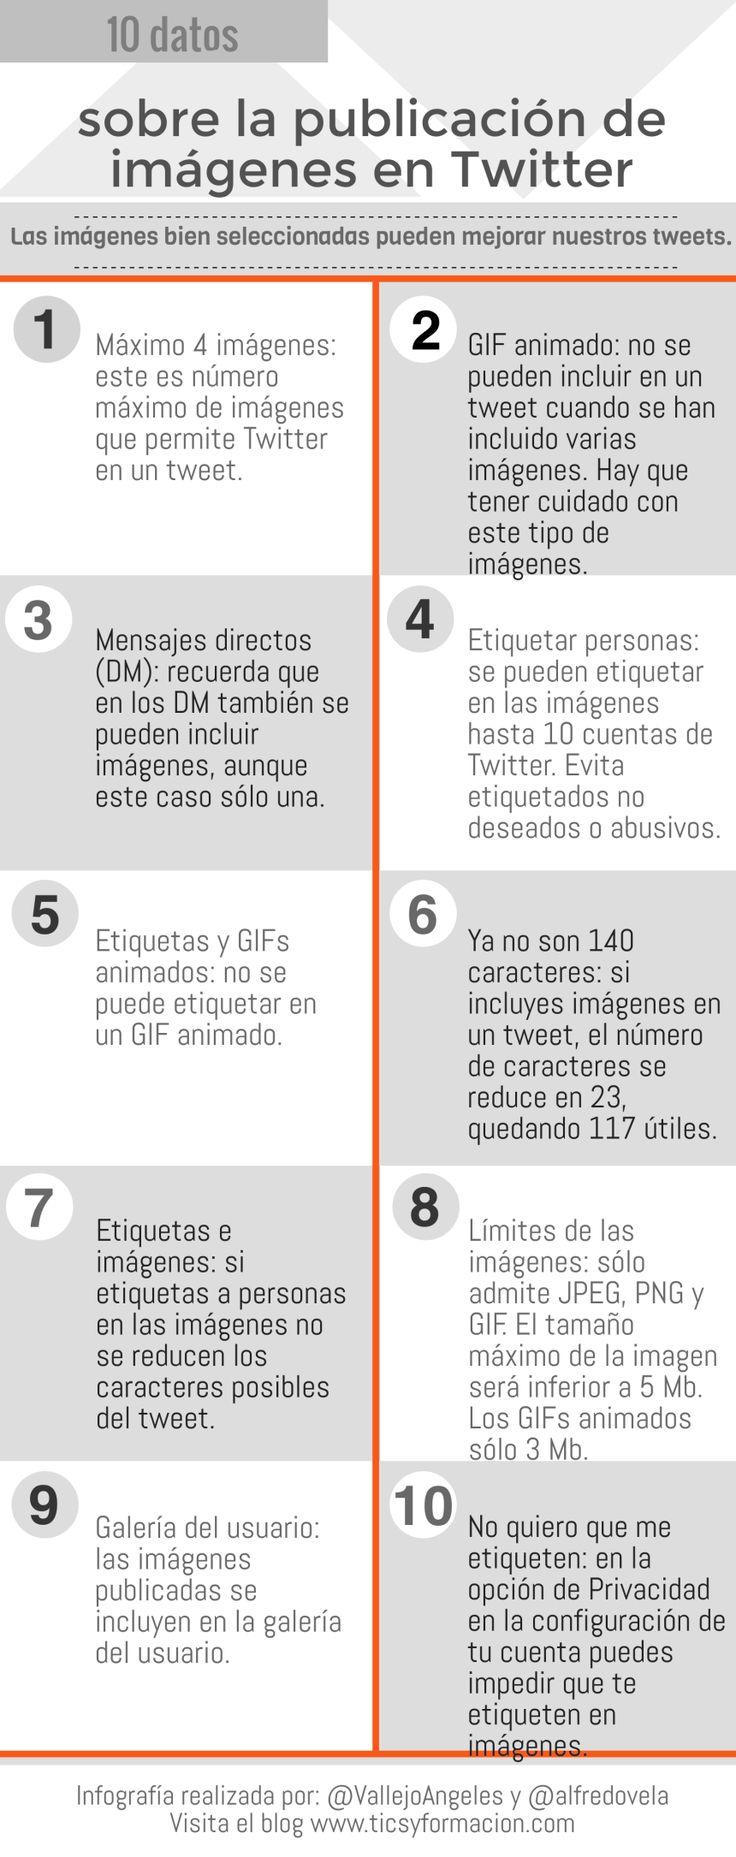 10 datos sobre la publicaci n de im genes en twitter infografia infographic socialmedia. Black Bedroom Furniture Sets. Home Design Ideas